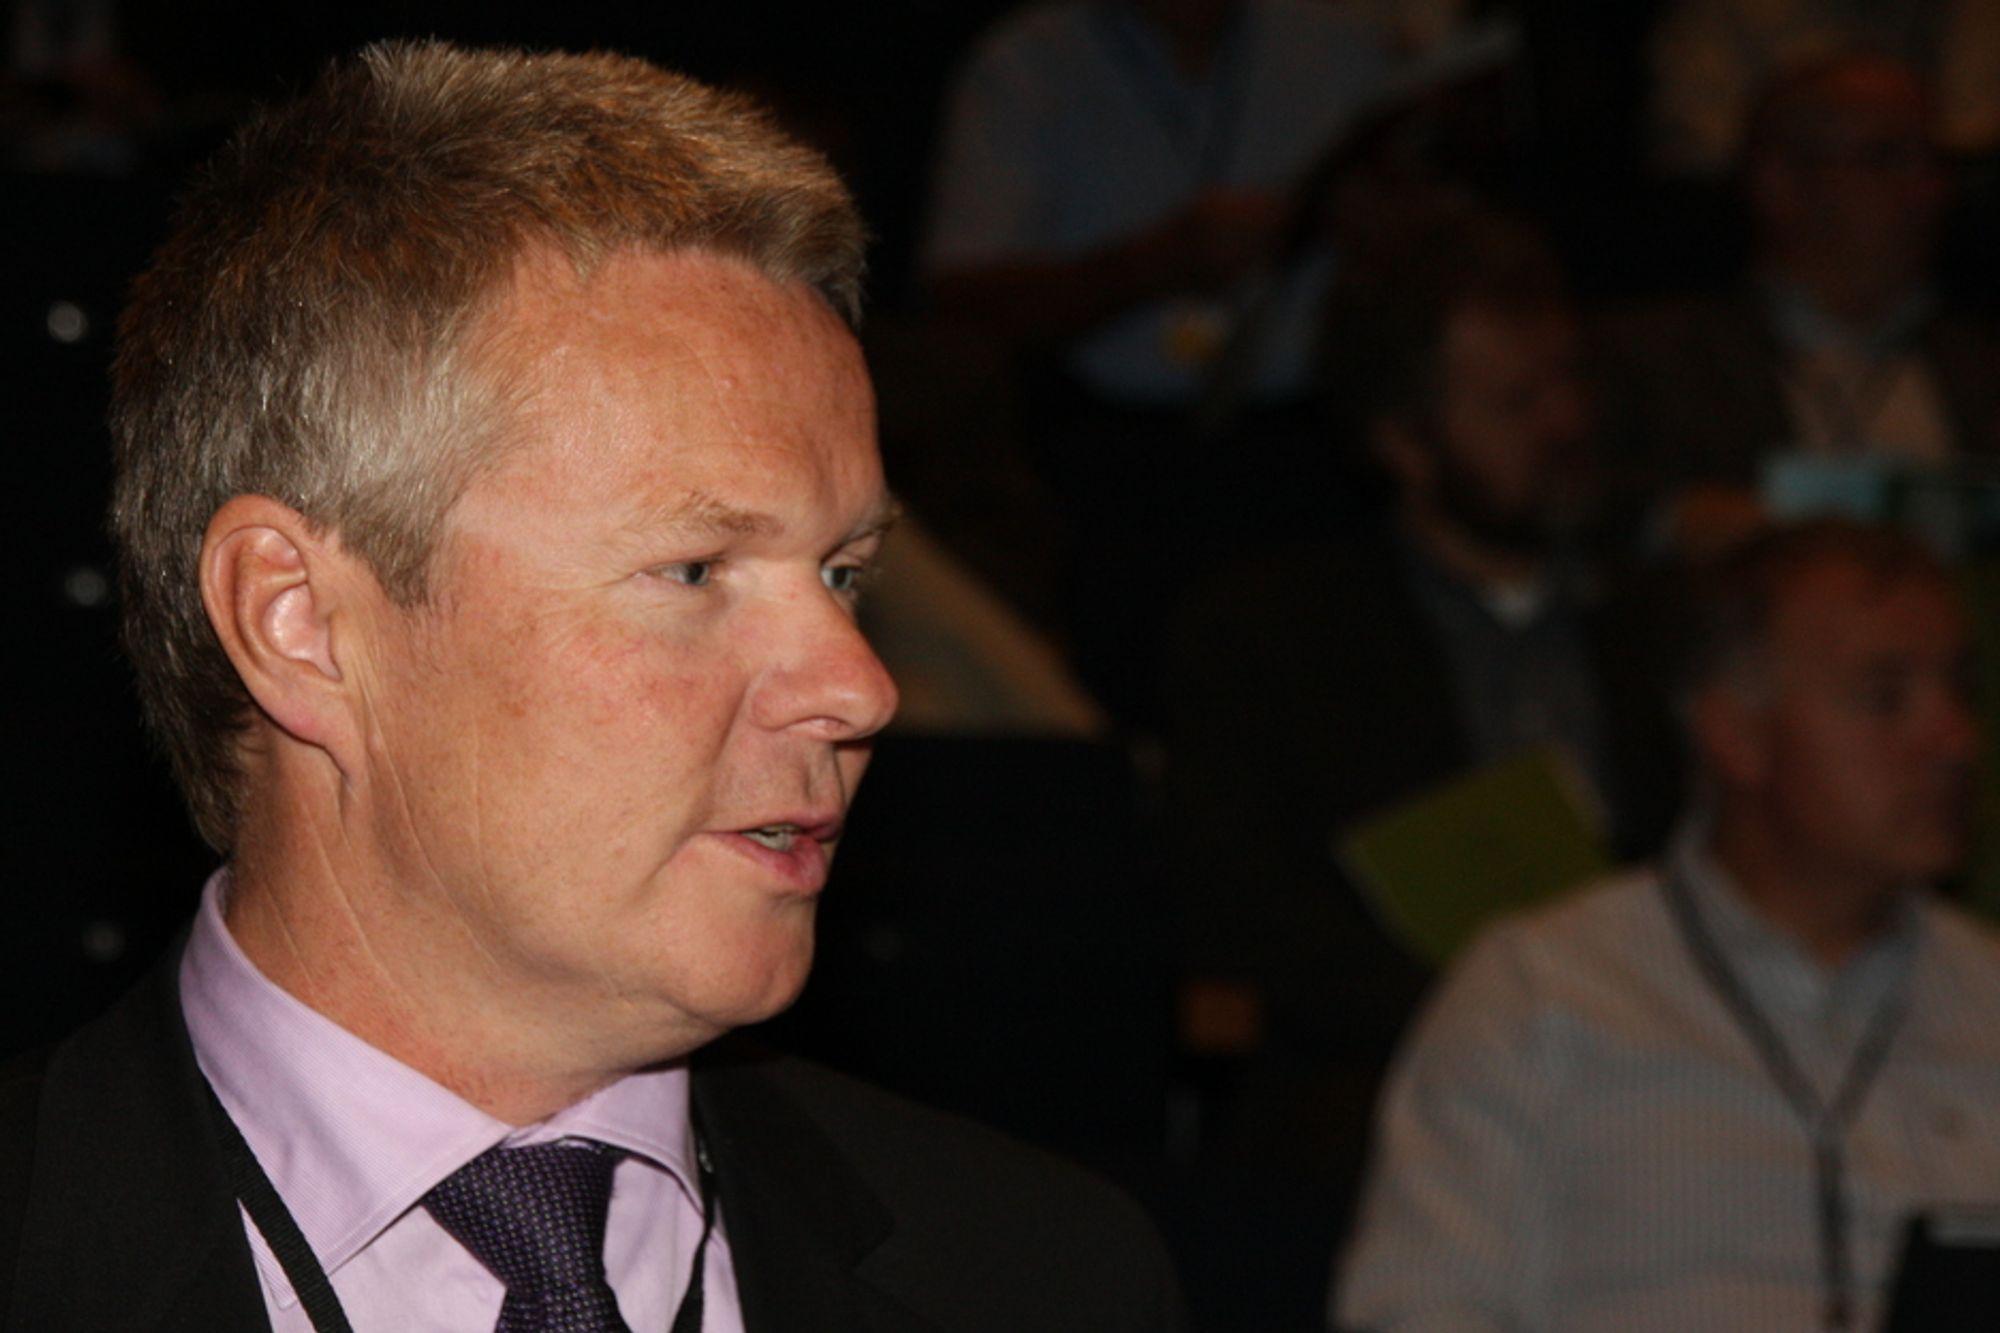 HJEM: Konsernsjef Terje Mjøs hentet 60 medarbeidere fra Ukraina til Oslo mens EDB Ergogroup avklarte sikkerhetsspørsmål rundt offshoring av banktjenester.